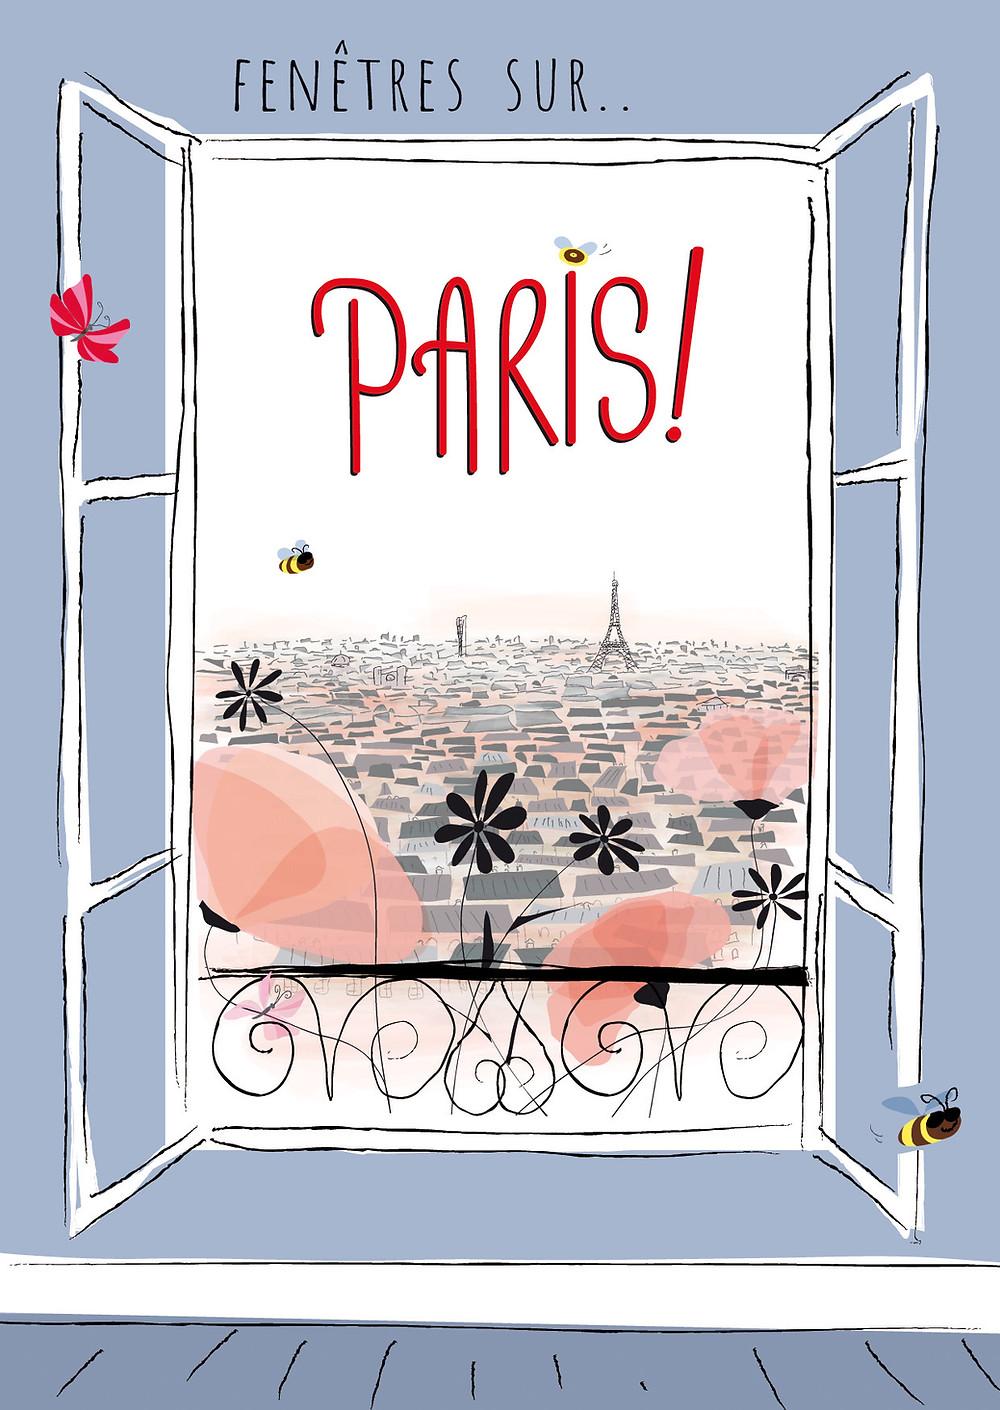 Affiche de l'exposition, une fenêtre s'ouvre en laissant voir Paris et la tour Eiffel au loin